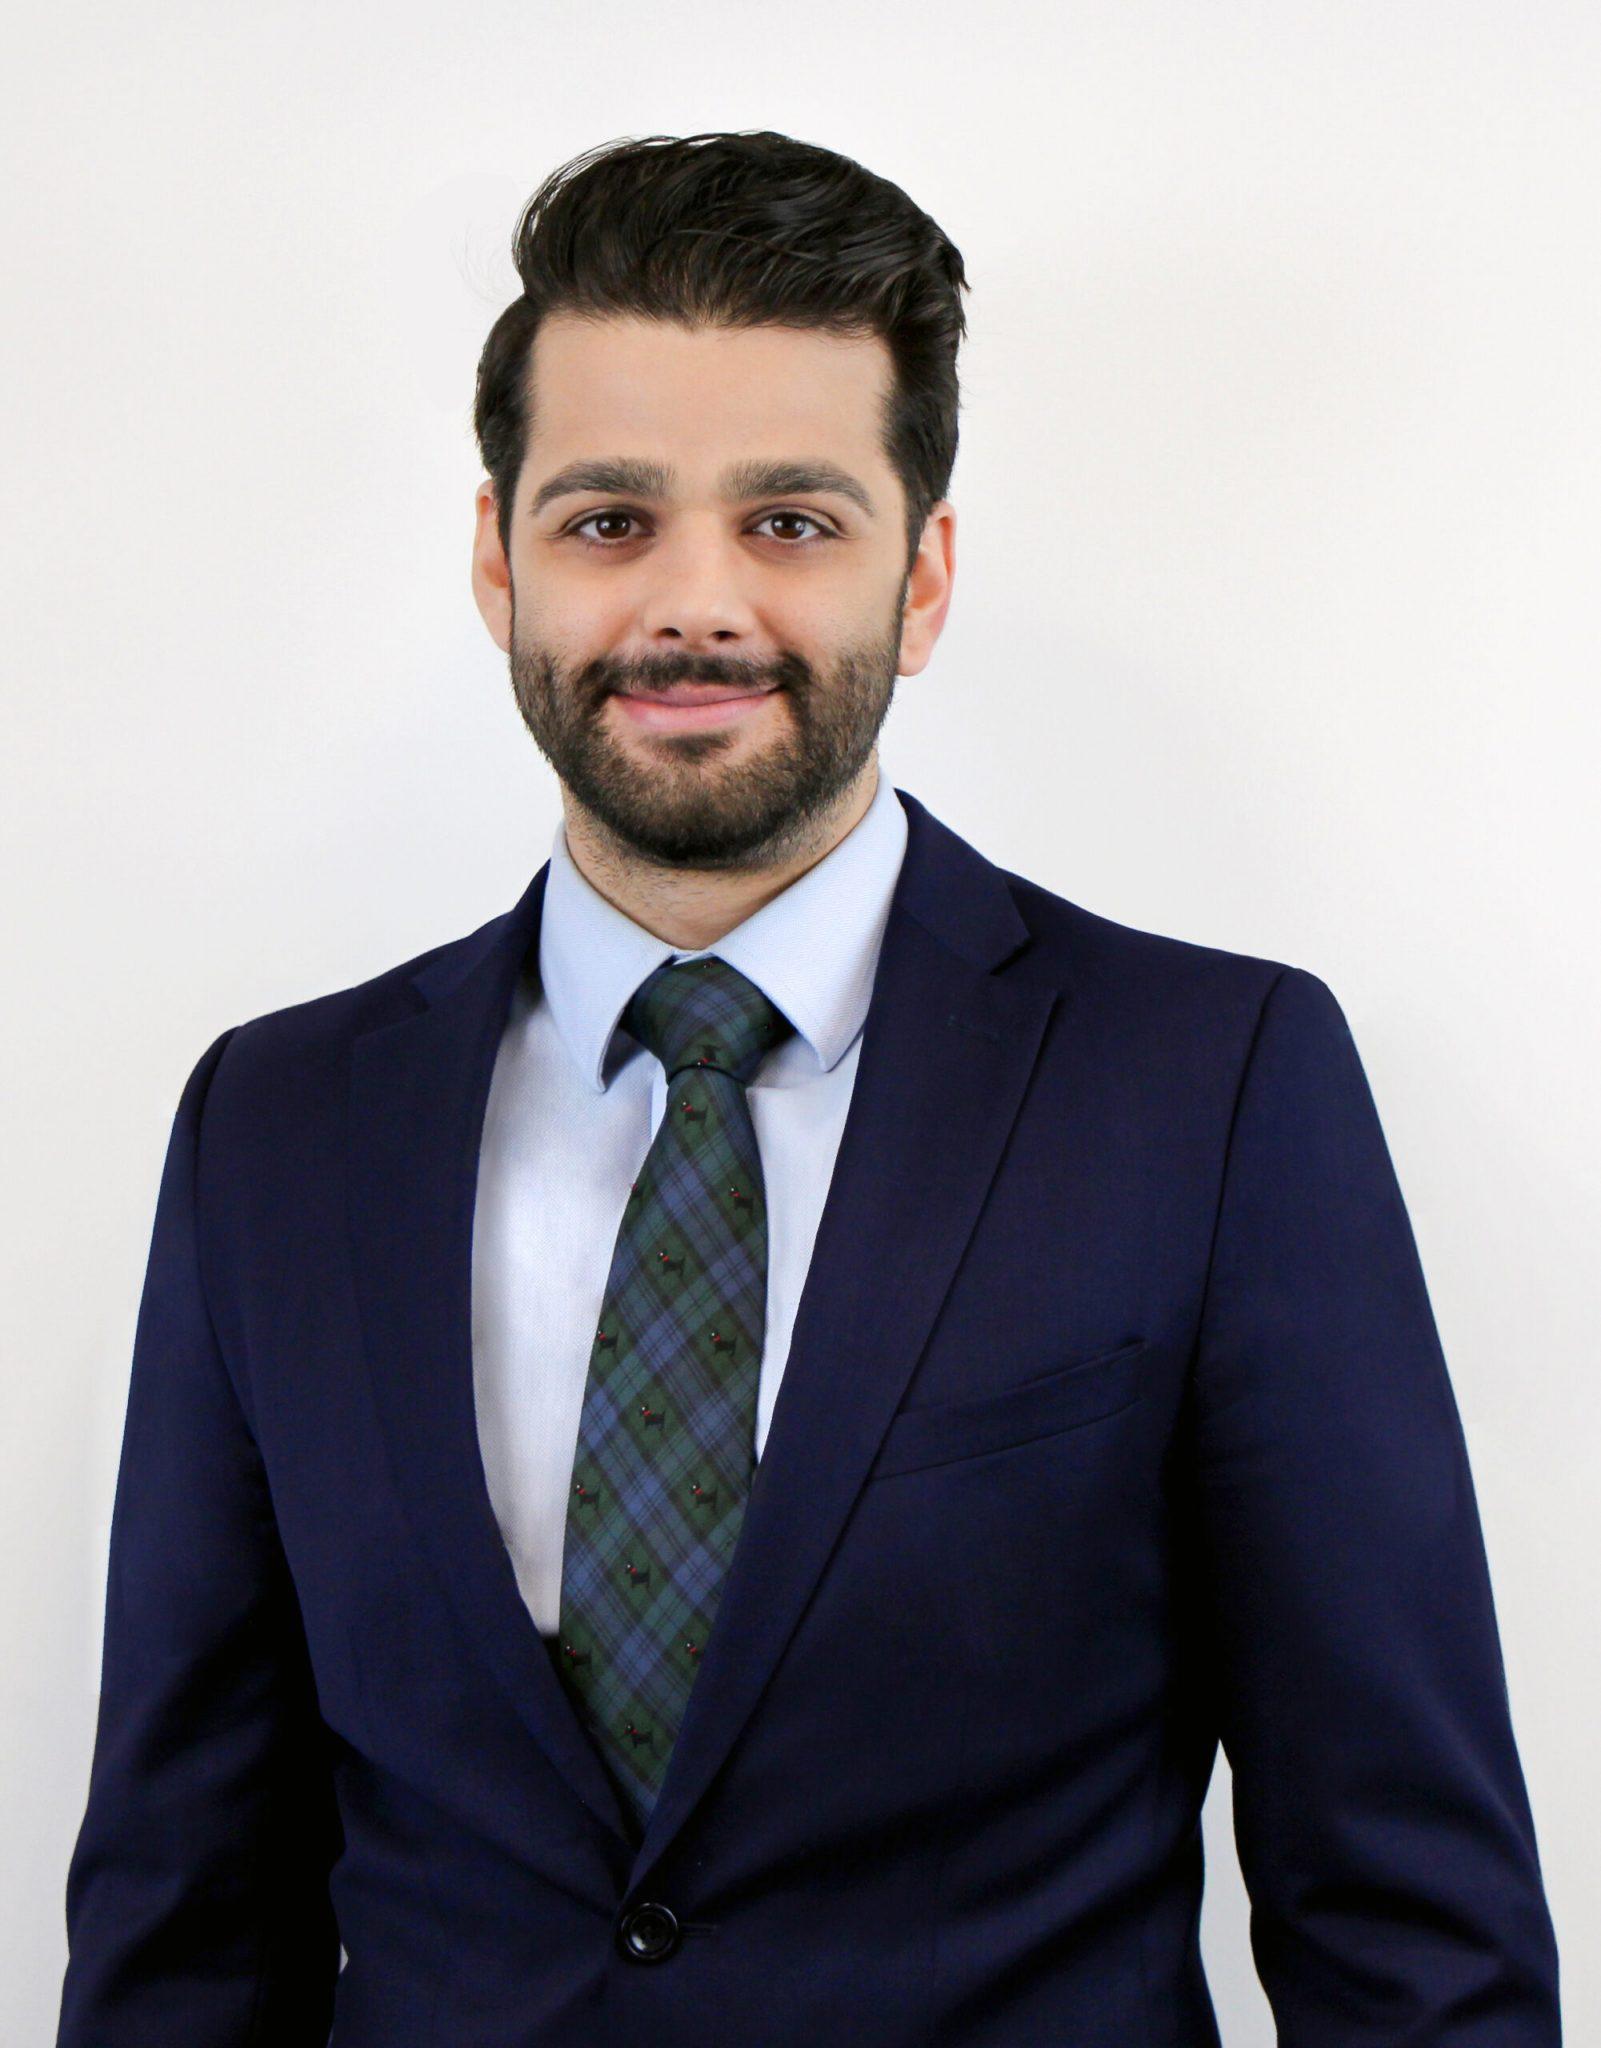 h, Ali Esnaashari